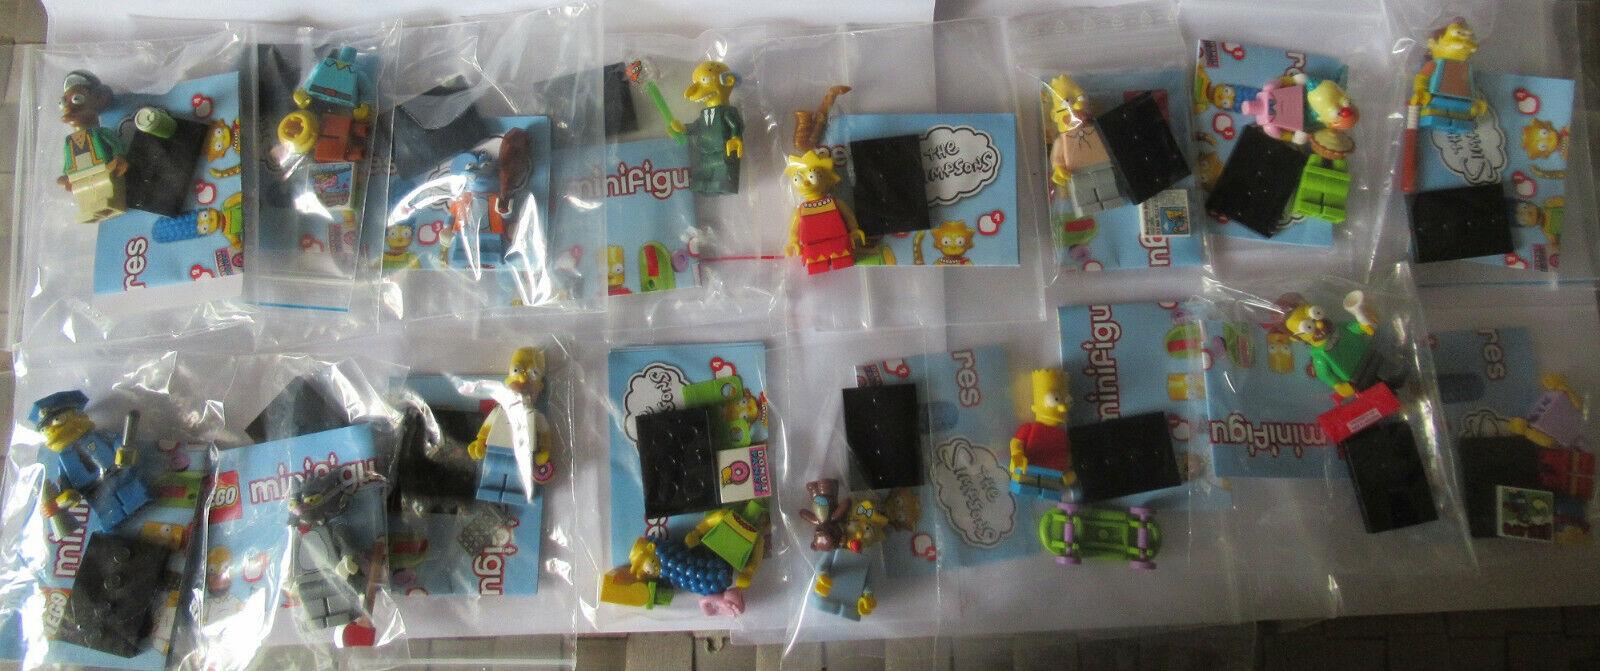 Lego Simpson 71005 serie 1 compcesse u.bpz u.stand u r ovp neu ¡Lego Simpson 71005 serie 1 compcesse u.bpz u.stand u r ovp neu